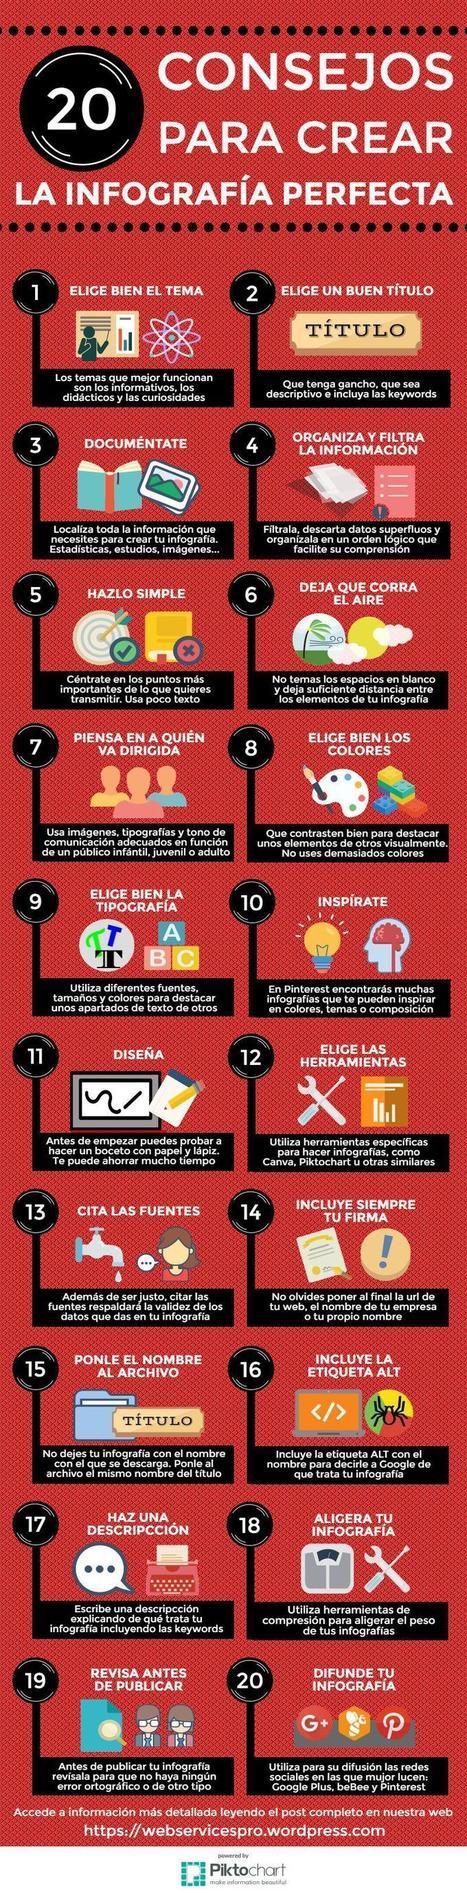 20 consejos para crear la infografía perfecta | Entre profes y recursos. | Scoop.it